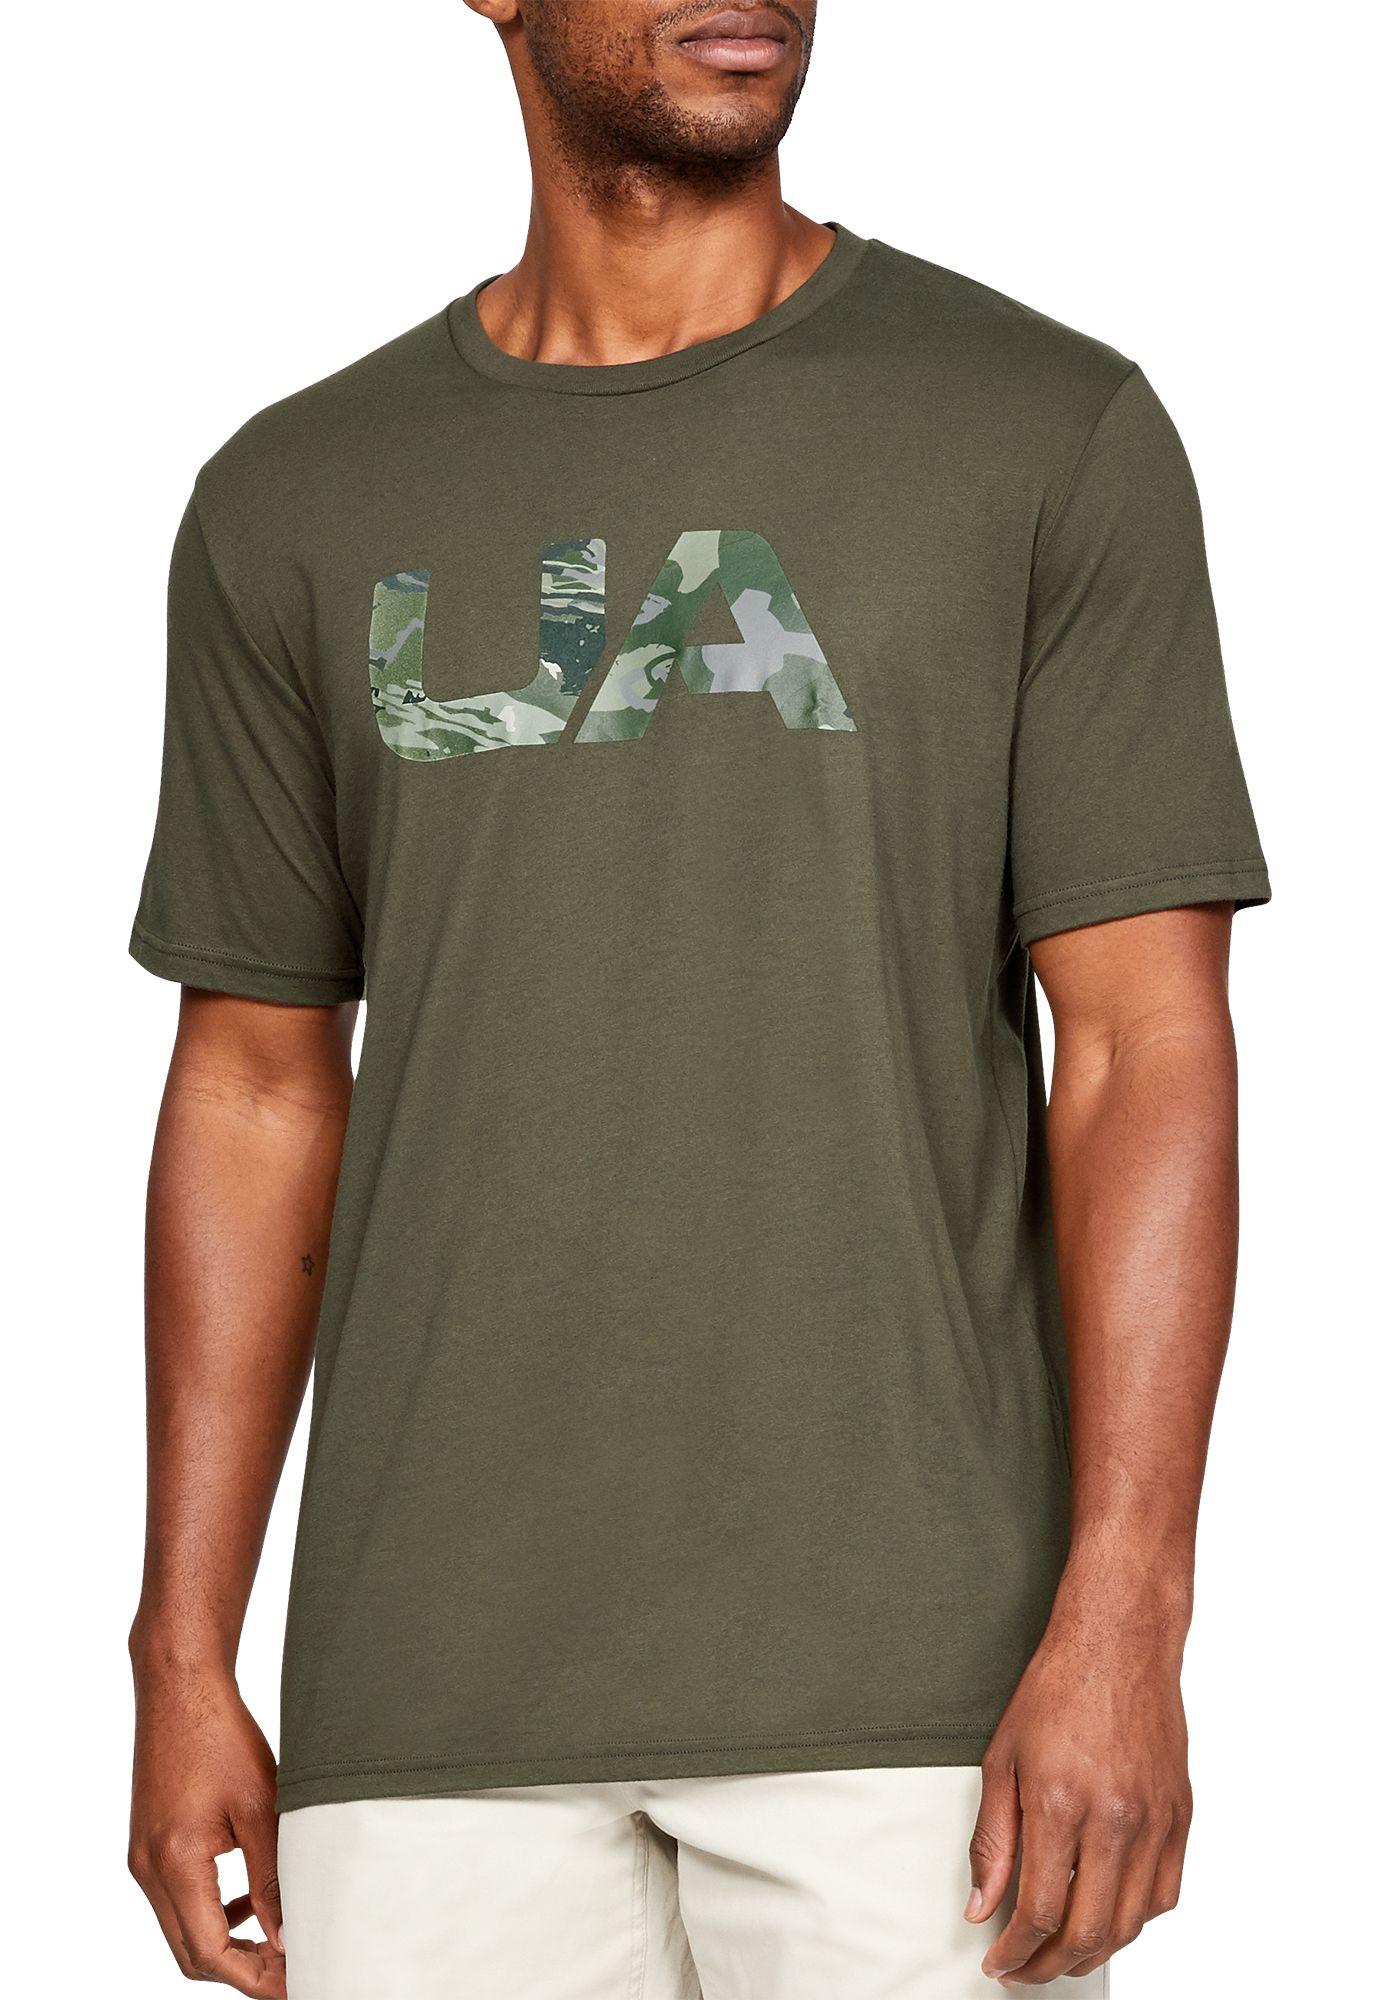 Under Armour Men's Camo Fill T-Shirt